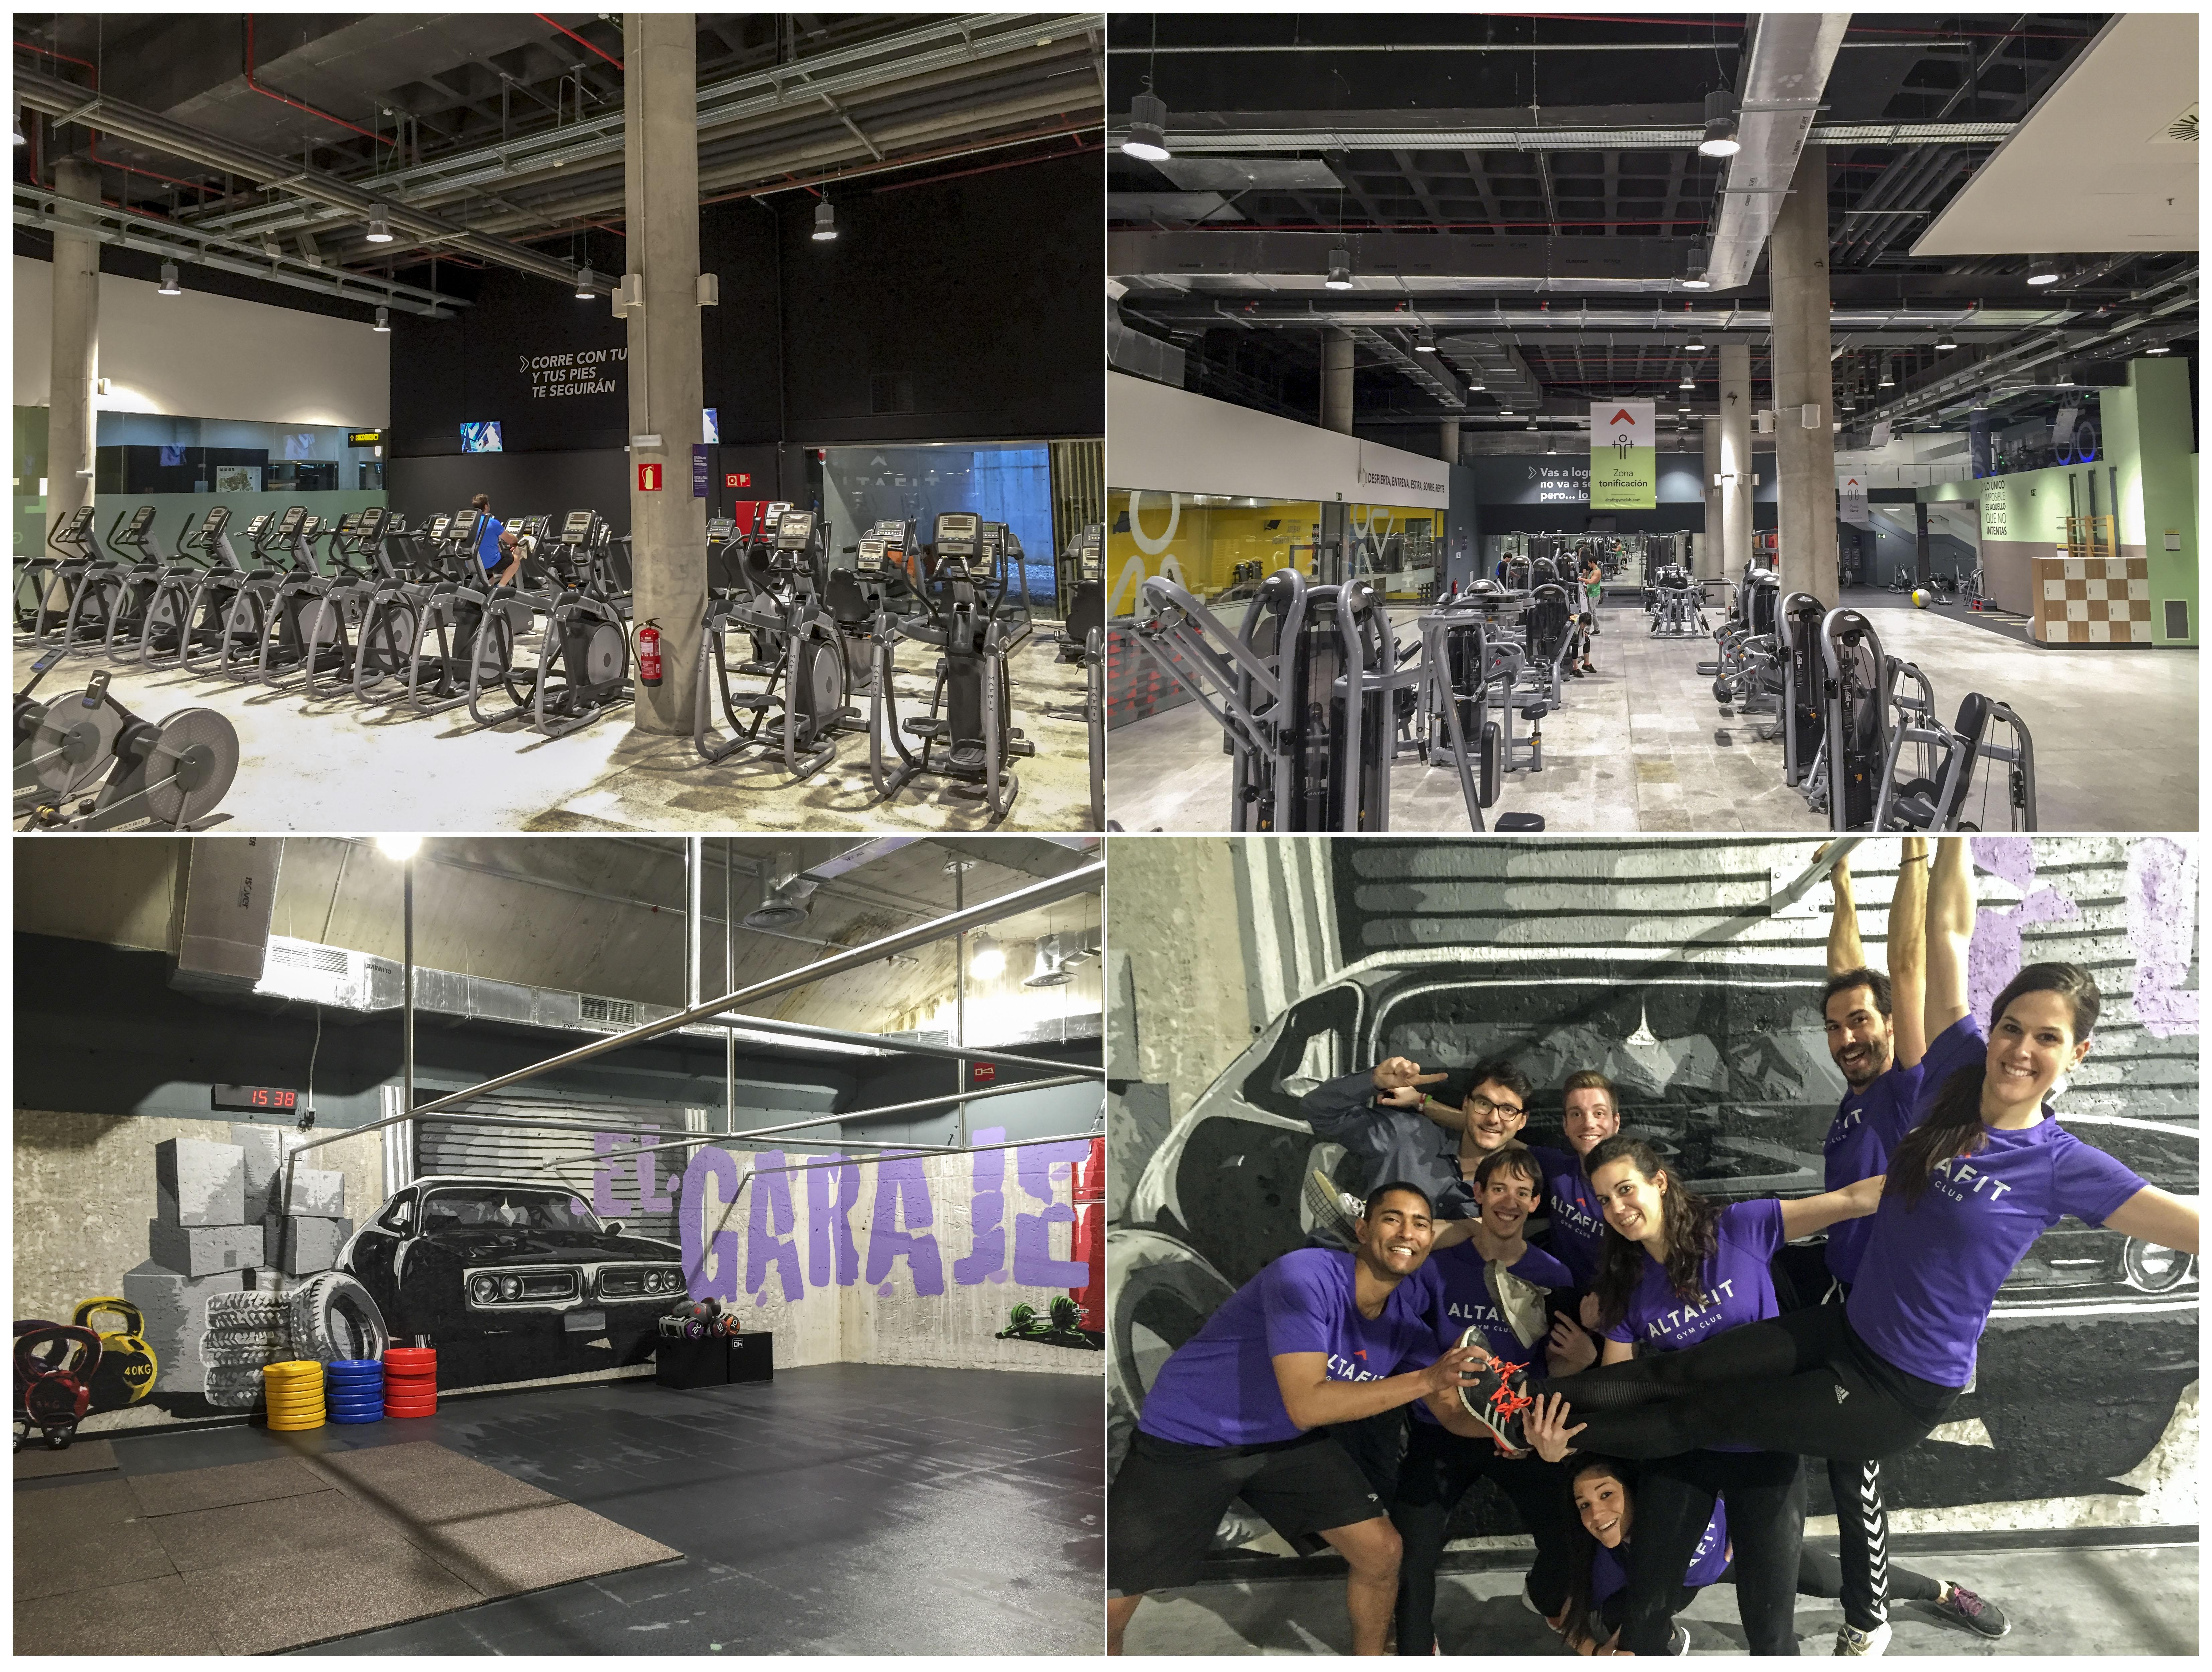 Altafit pamplona conozcamos un poco mejor la nueva ciudad for Gym mas cercano